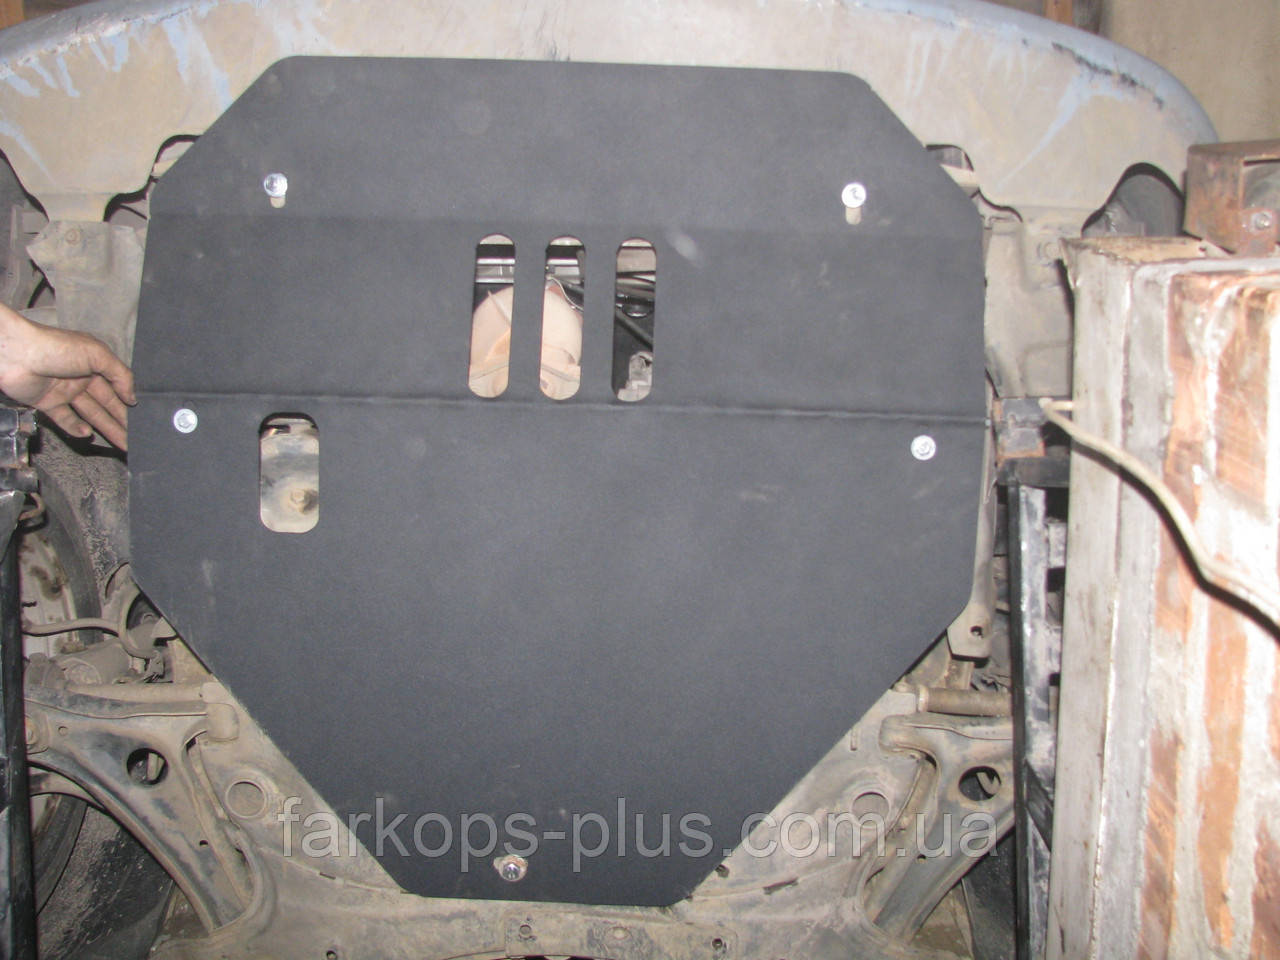 Защита двигателя и кпп - Geely MK-2 (2006--) 1.6